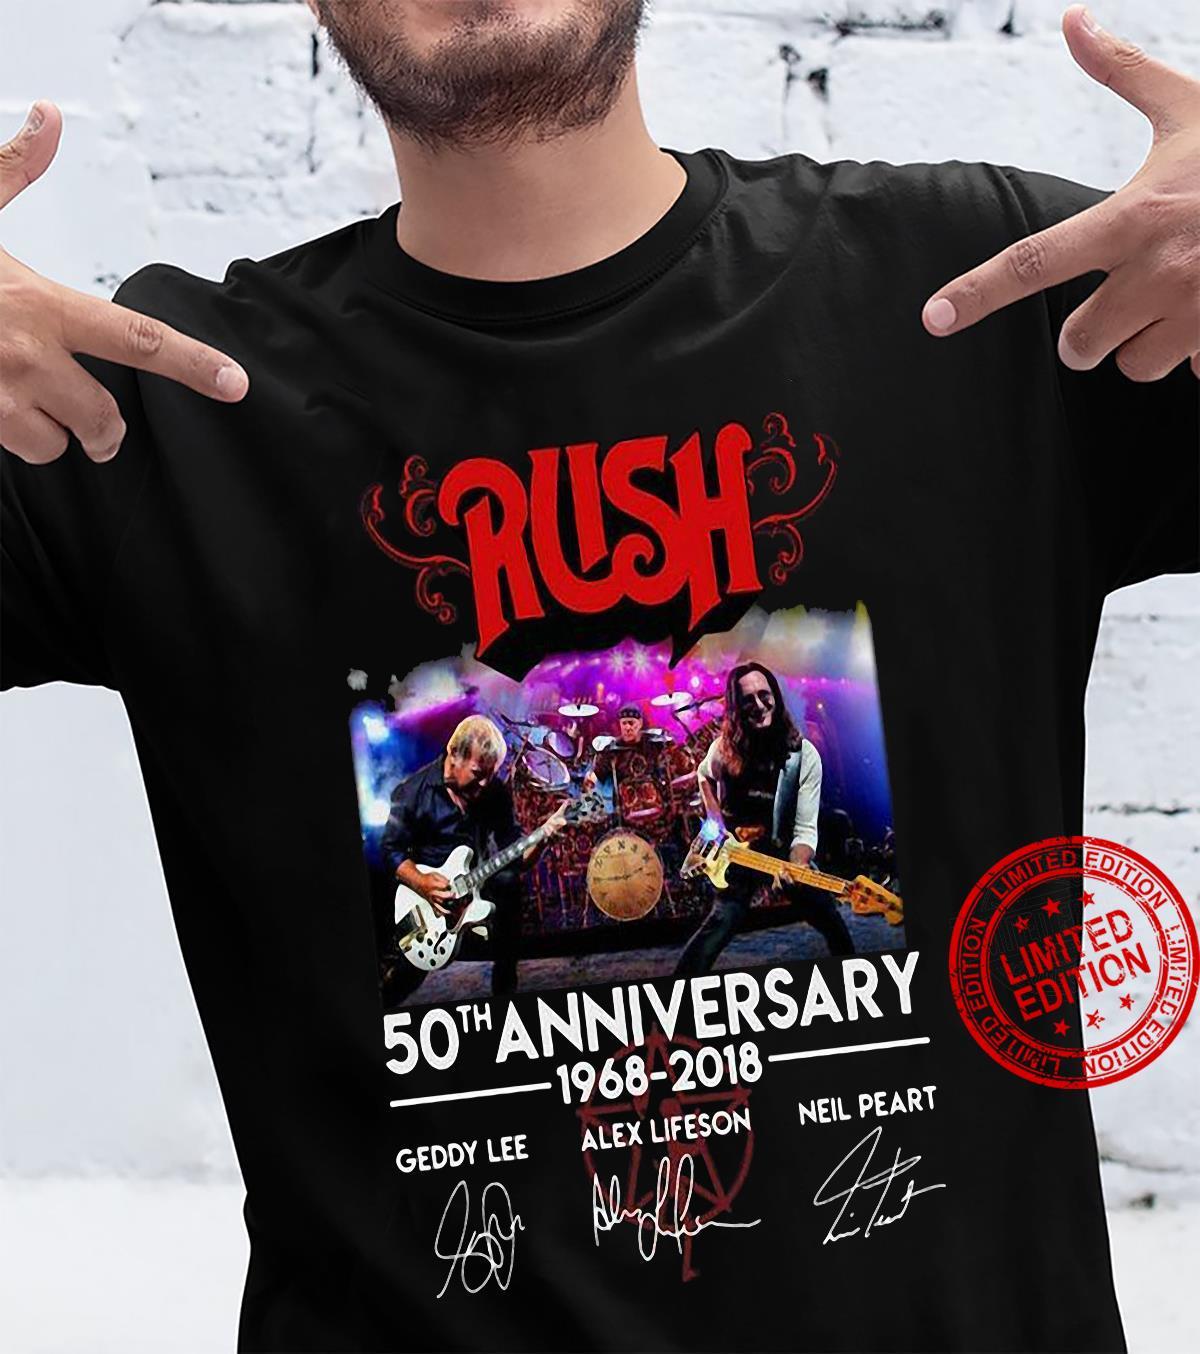 Rush 50th Anniversary 1968-2018 Geddy Lee Alex Lifeson Neil Peart Shirt